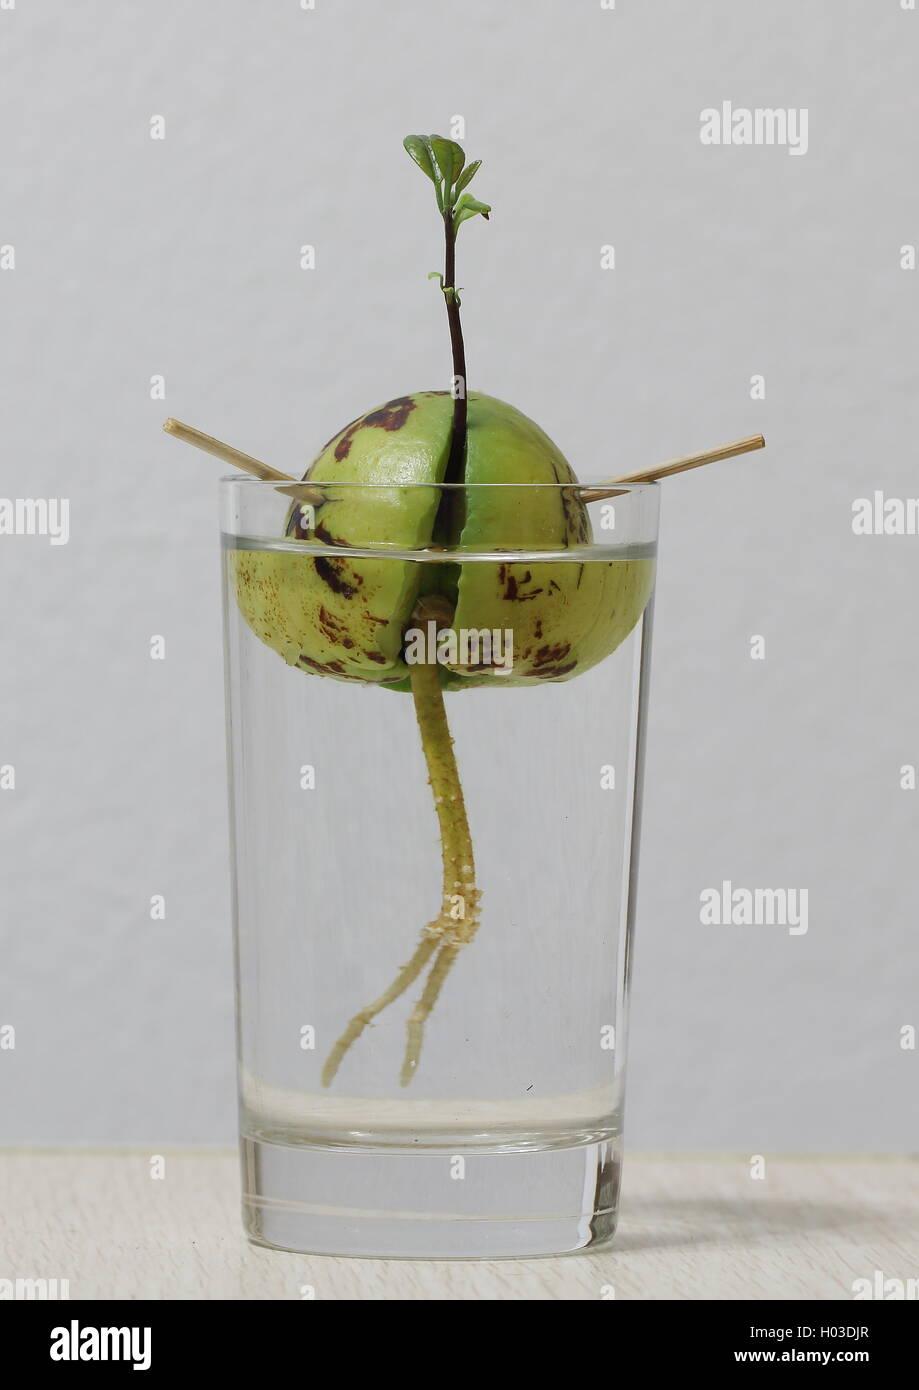 Nocciolo Di Avocado In Acqua seme di avocado con nuova germogliazione e radici in un